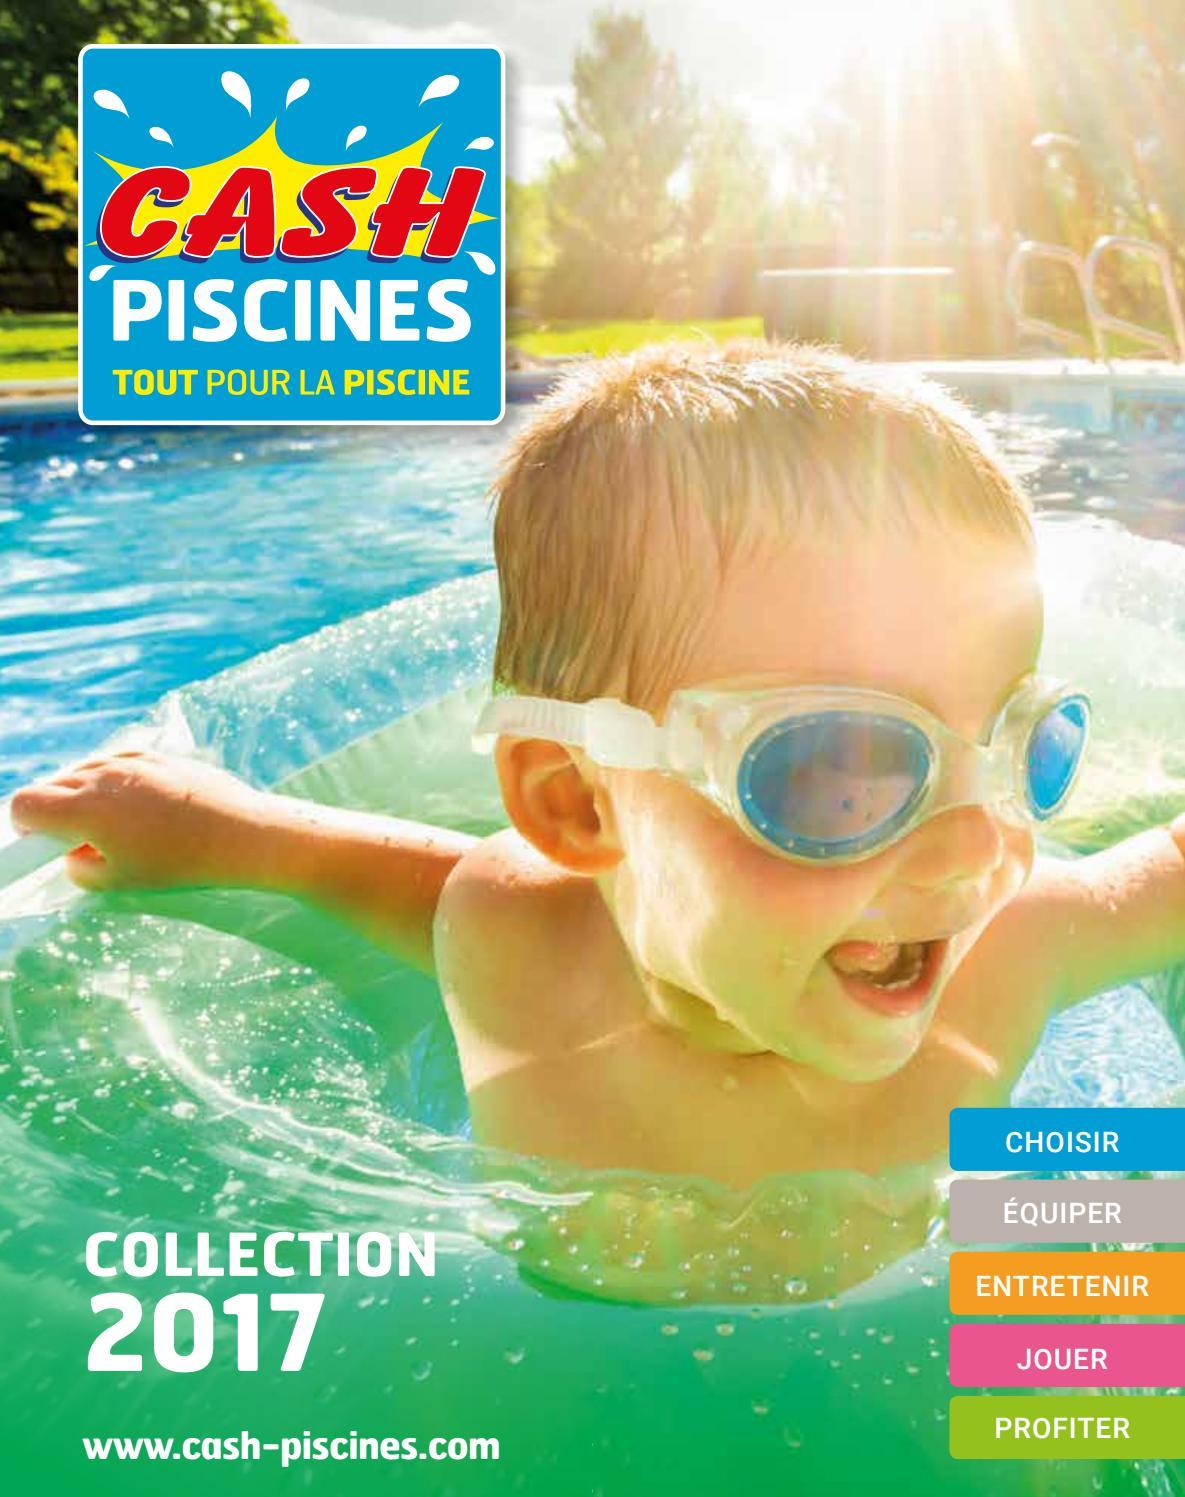 Catalogue Cash Piscine 2017 By Octave Octave - Issuu intérieur Cash Piscine Nimes